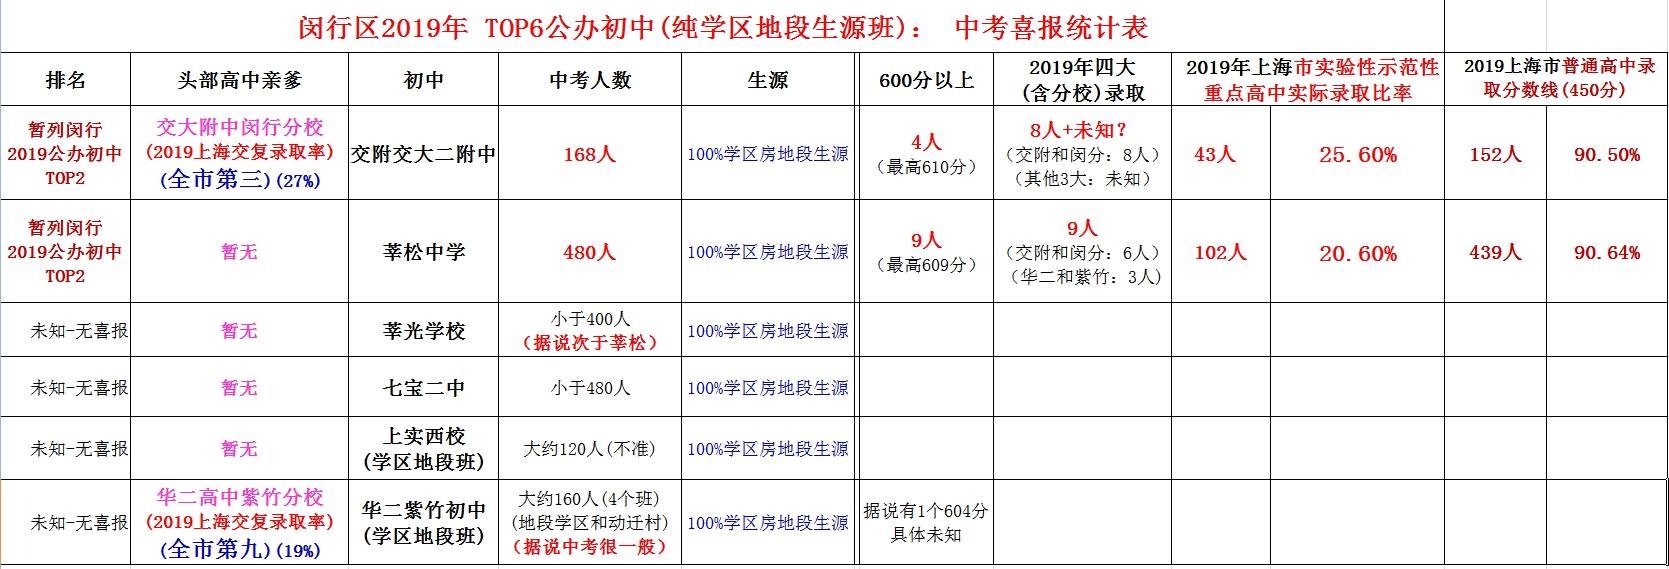 2019 闵行中考TOP6初中 - 2.jpg